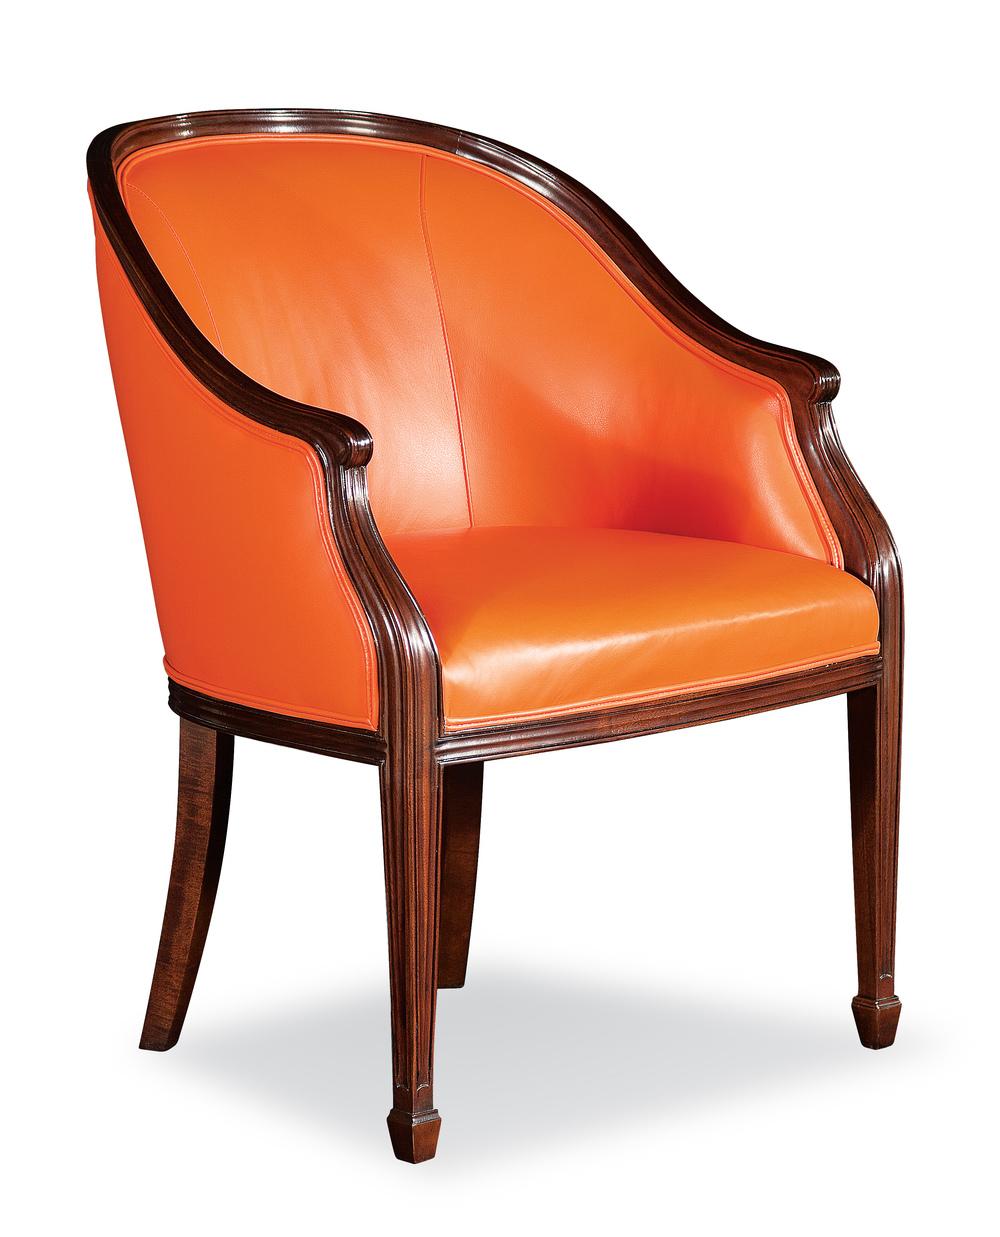 Councill - Halifax Chair